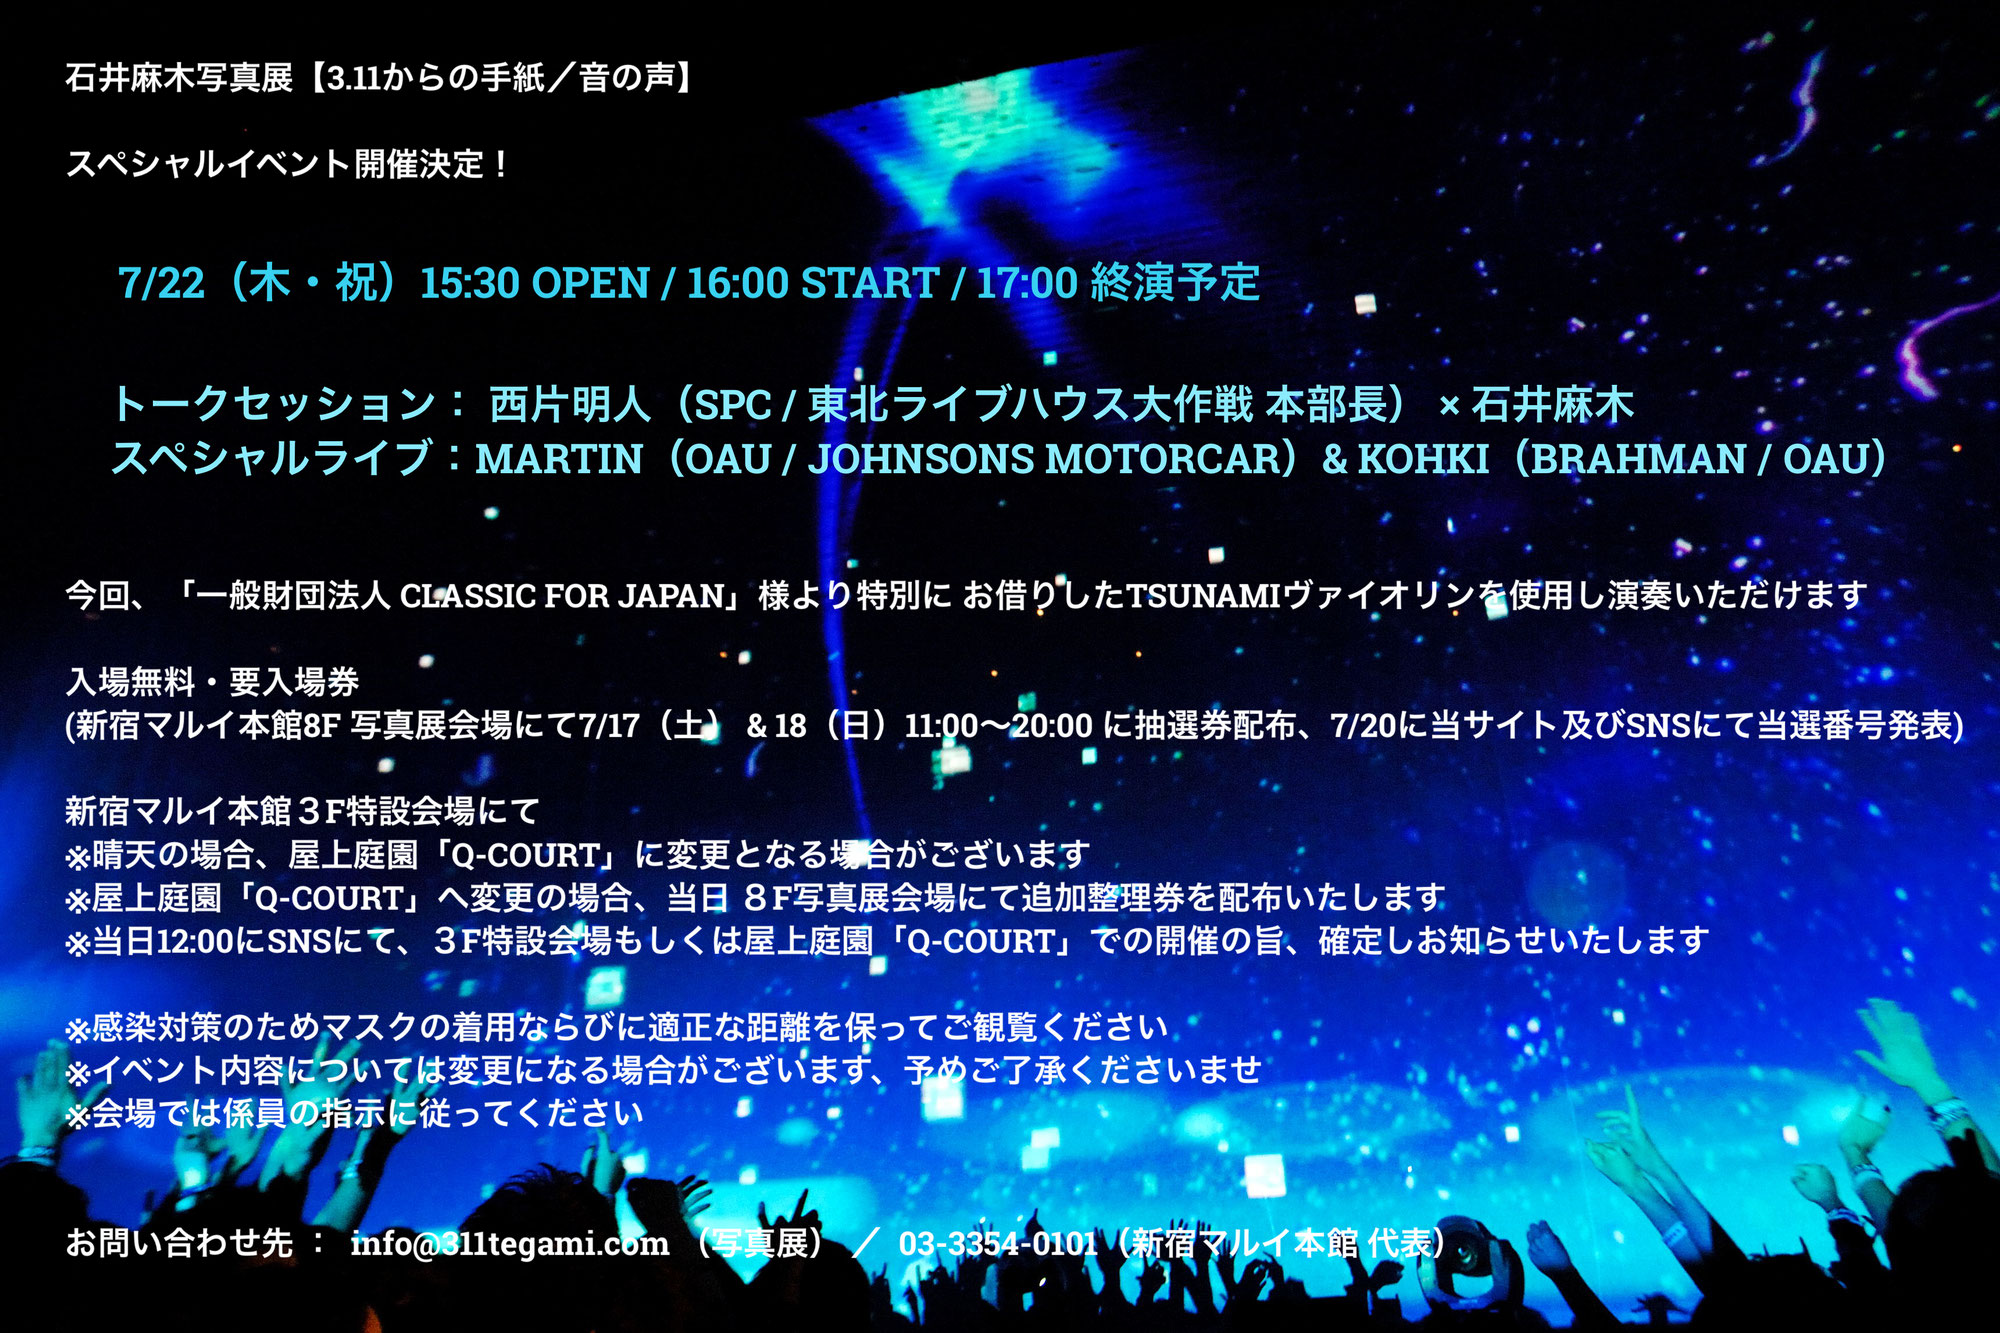 写真展東京会場 新宿マルイ本館にて 7/22 スペシャルイベント開催決定!